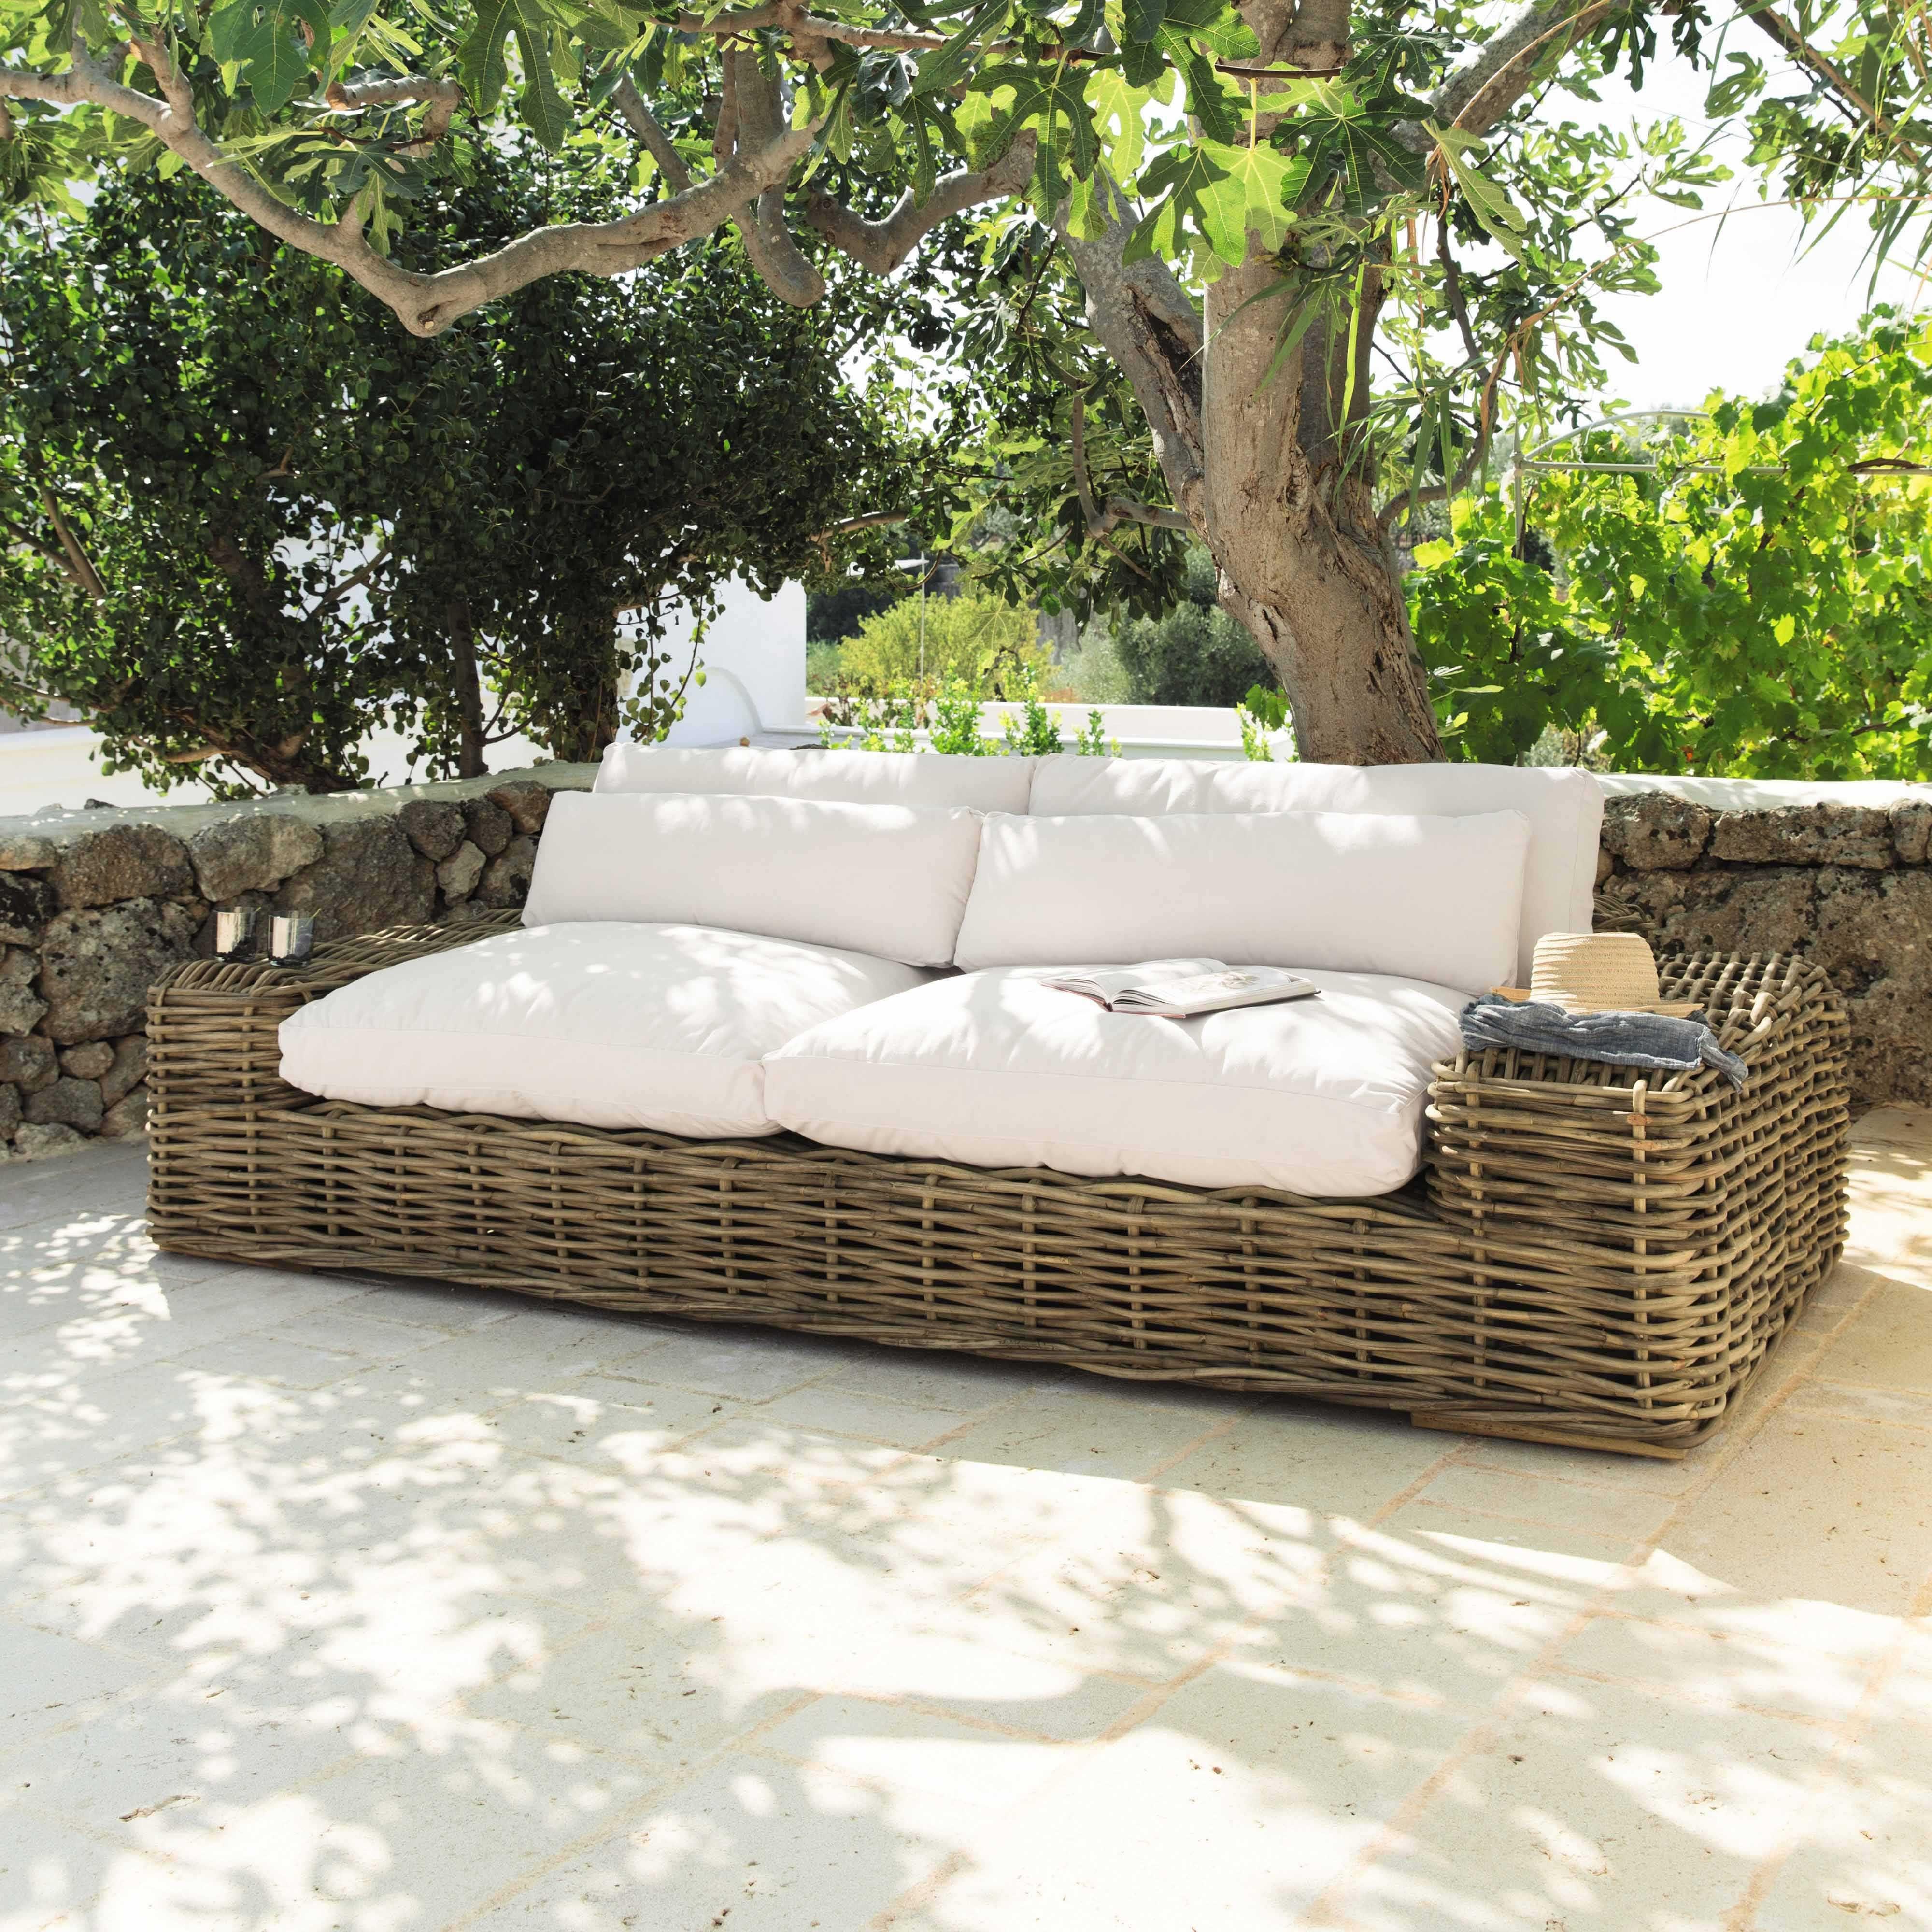 e38c85f533416510ab677190d81c49fa Incroyable De Magasin Salon De Jardin Conception